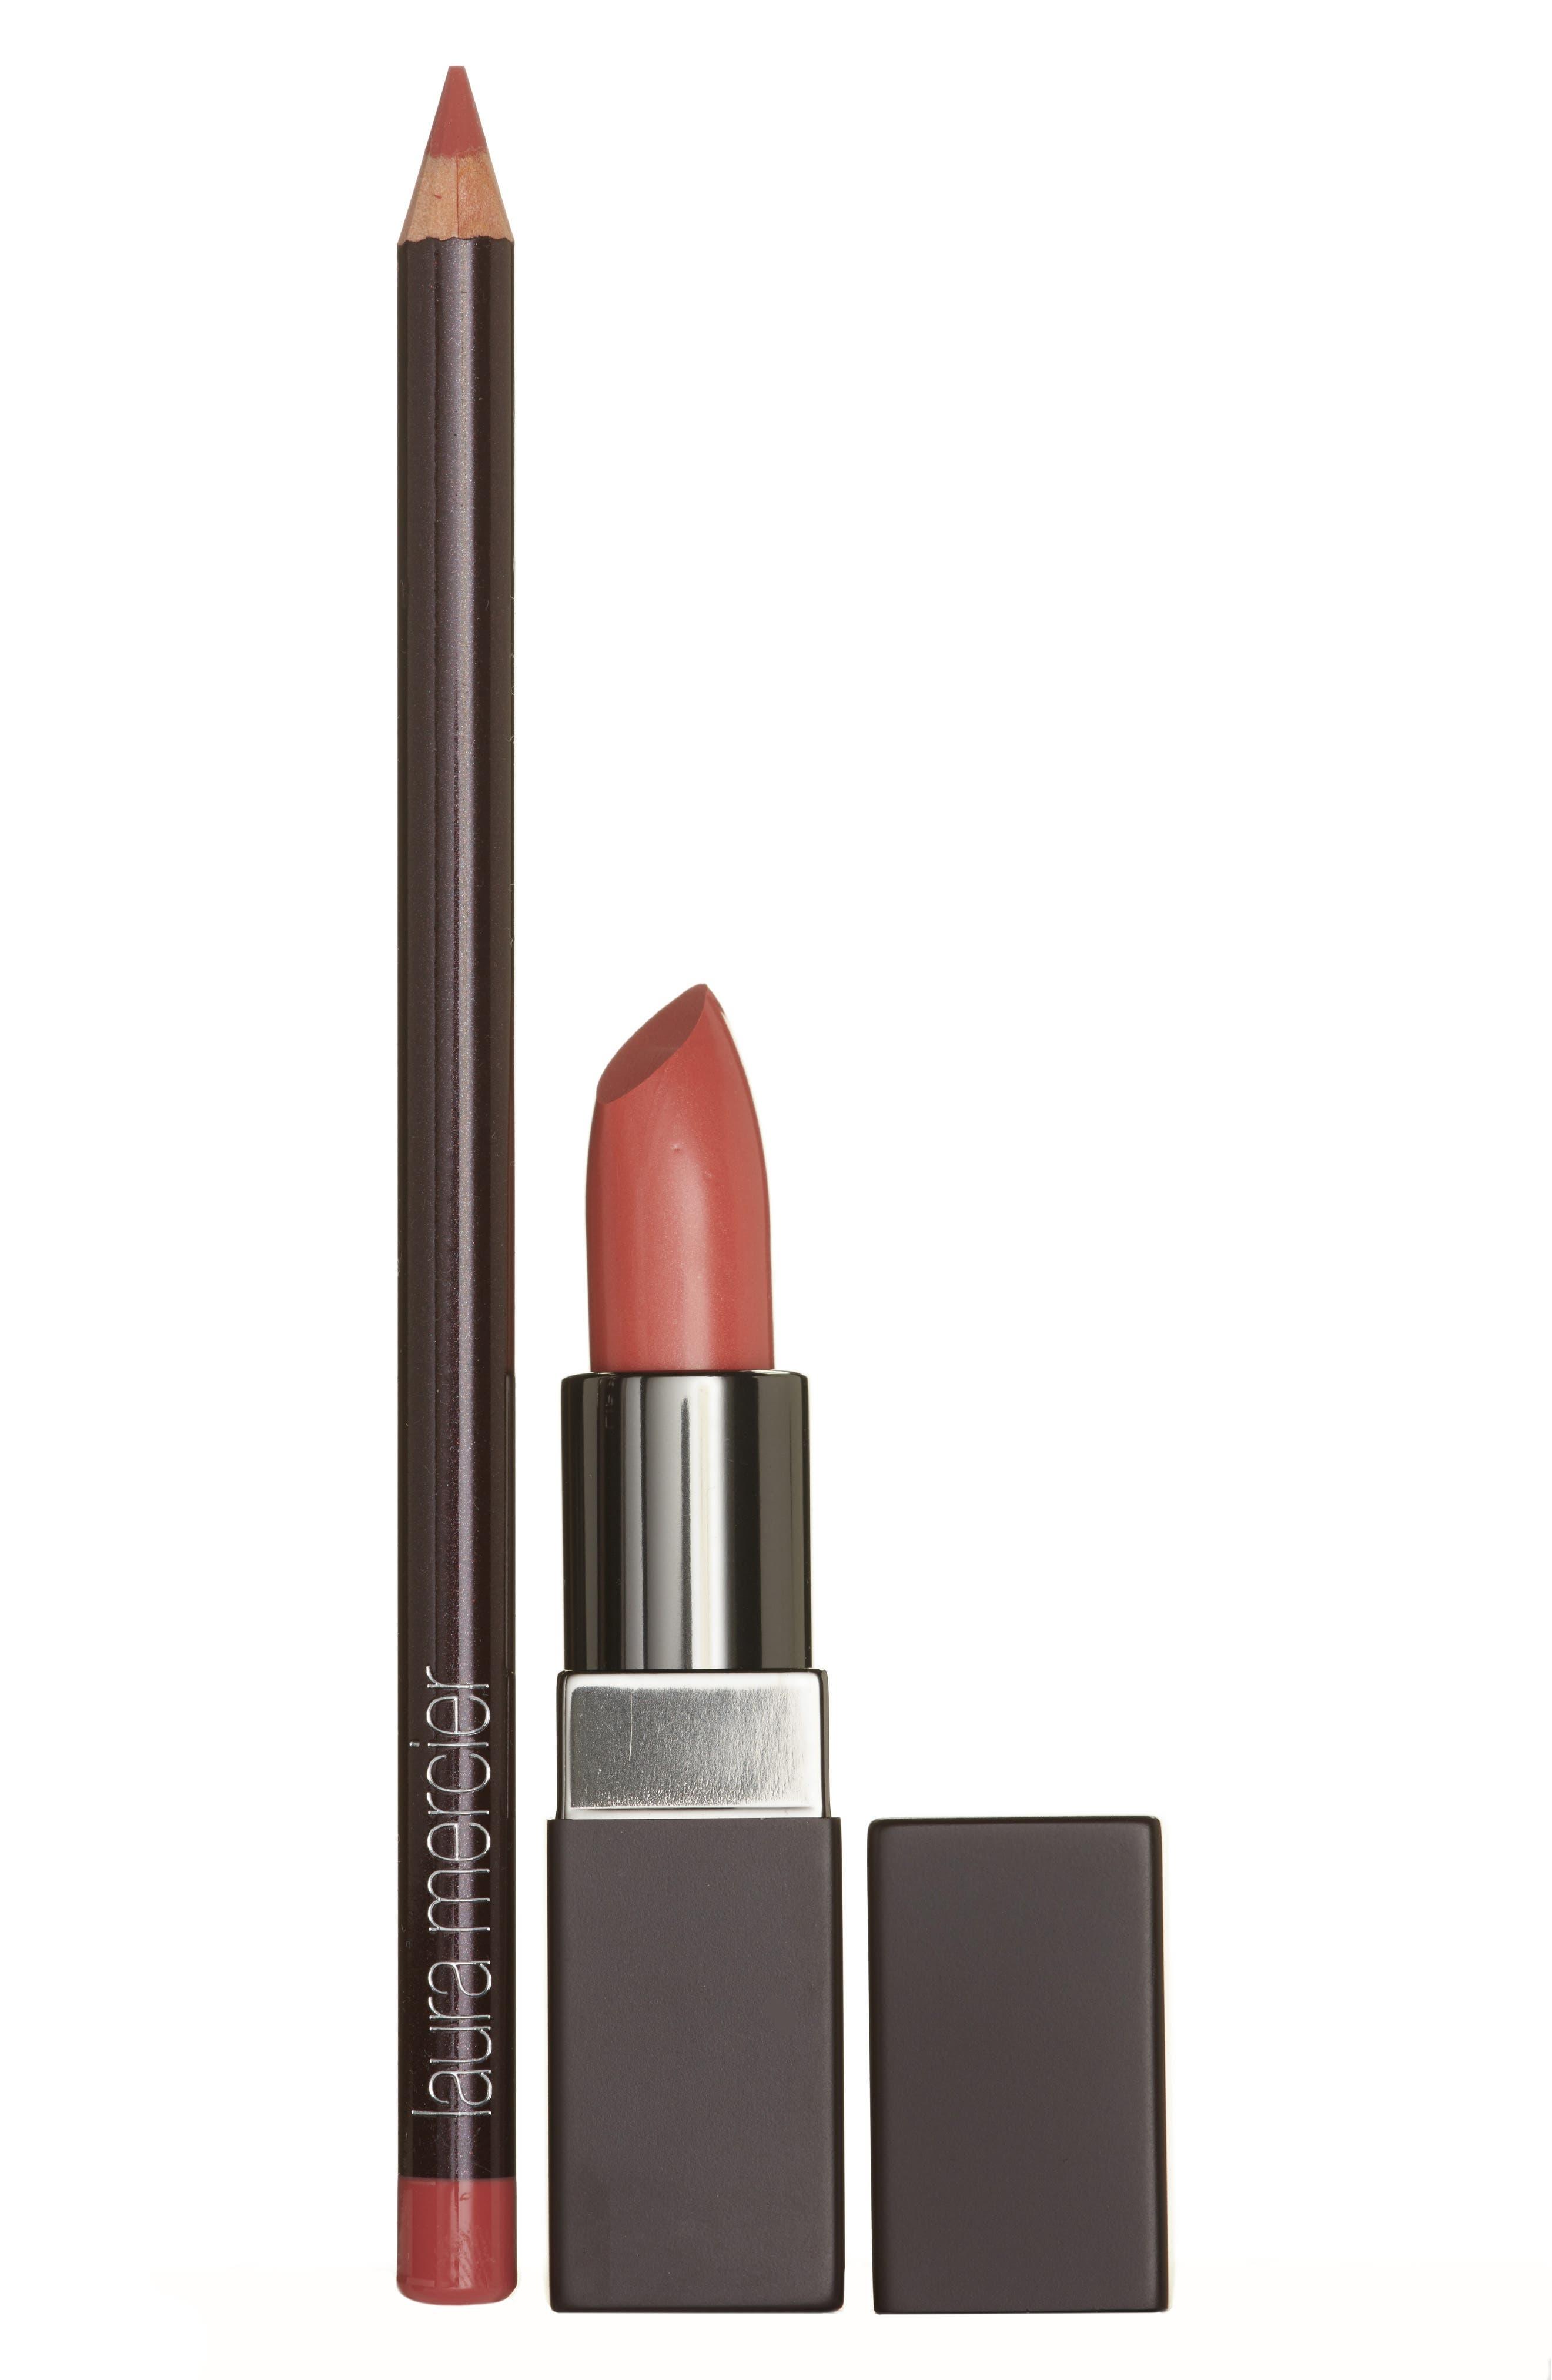 Laura Mercier Nude Lip Duo ($51 Value)